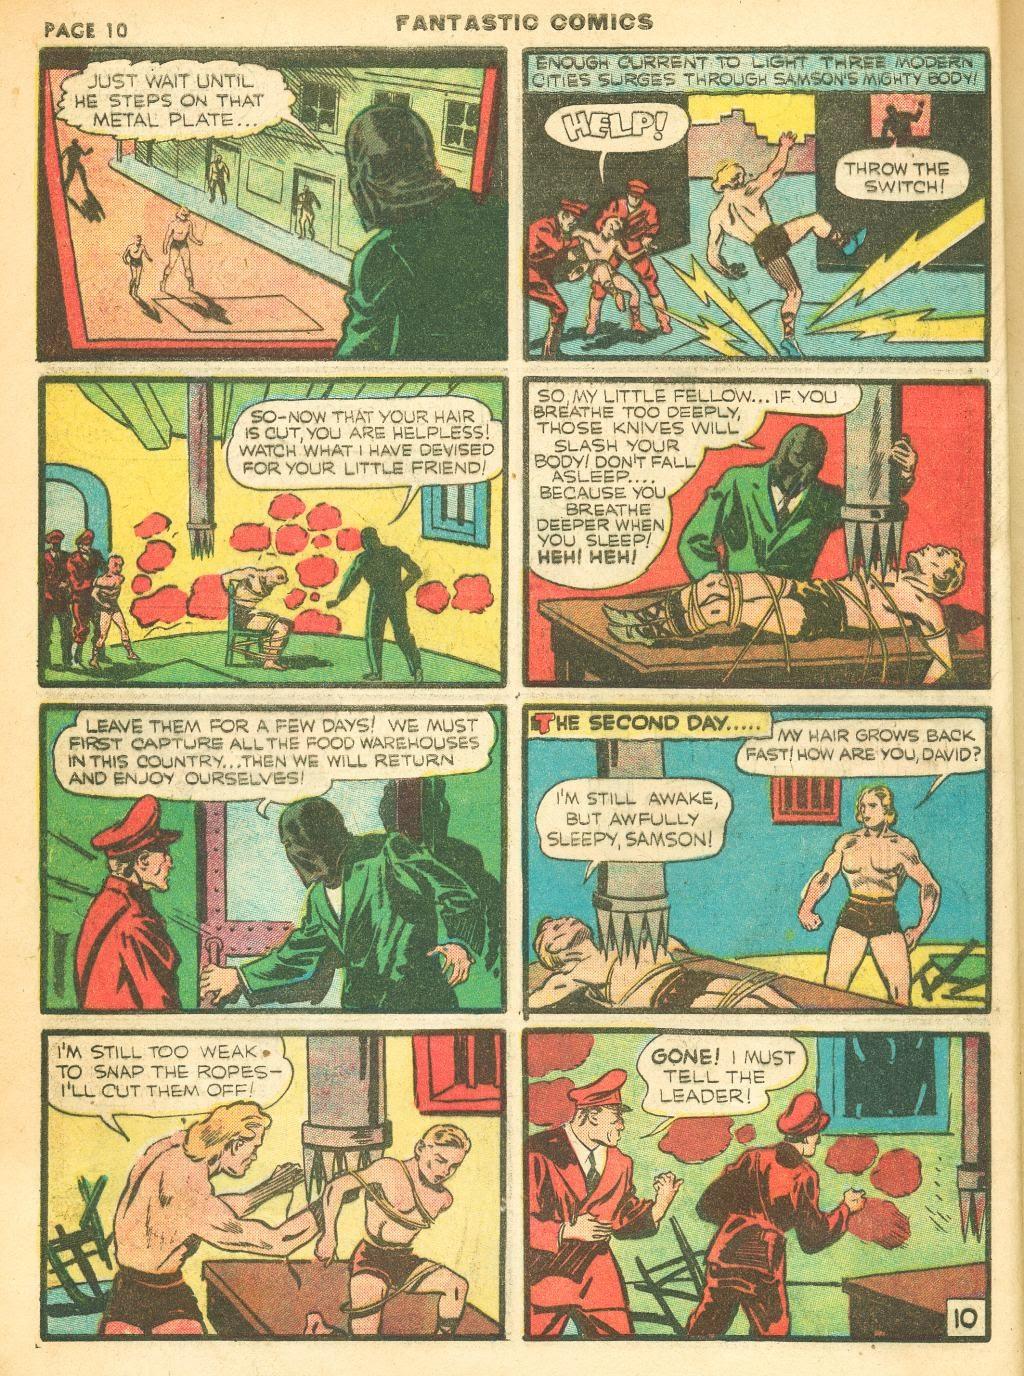 Read online Fantastic Comics comic -  Issue #12 - 12